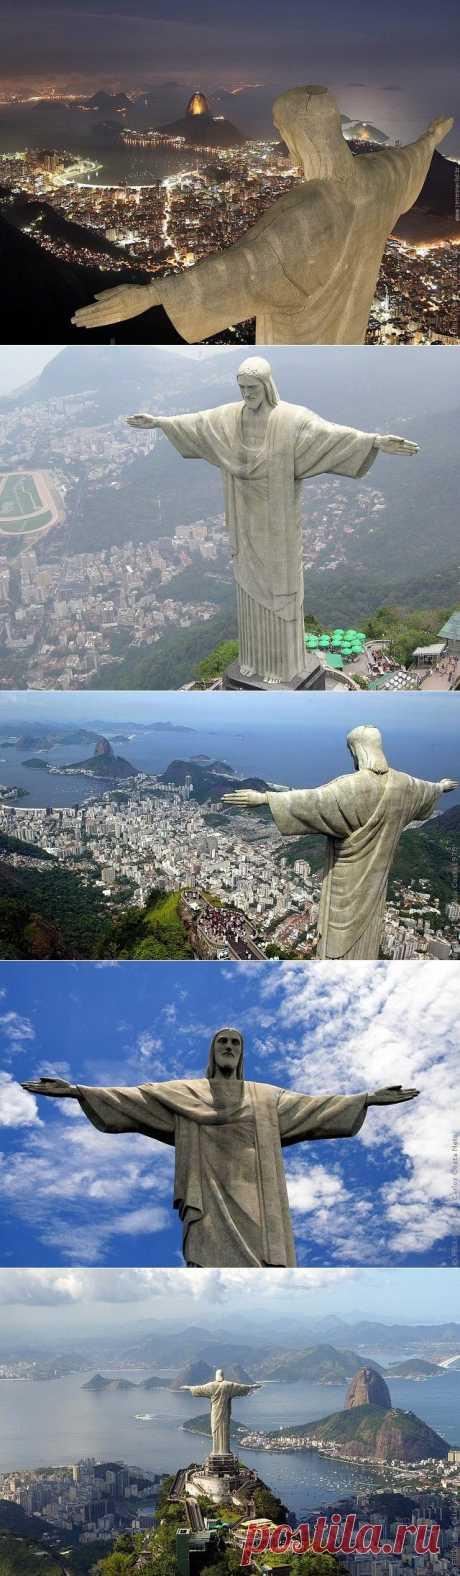 Статуя Христа Искупителя в Рио-де-Жанейро, фото статуи в Бразилии